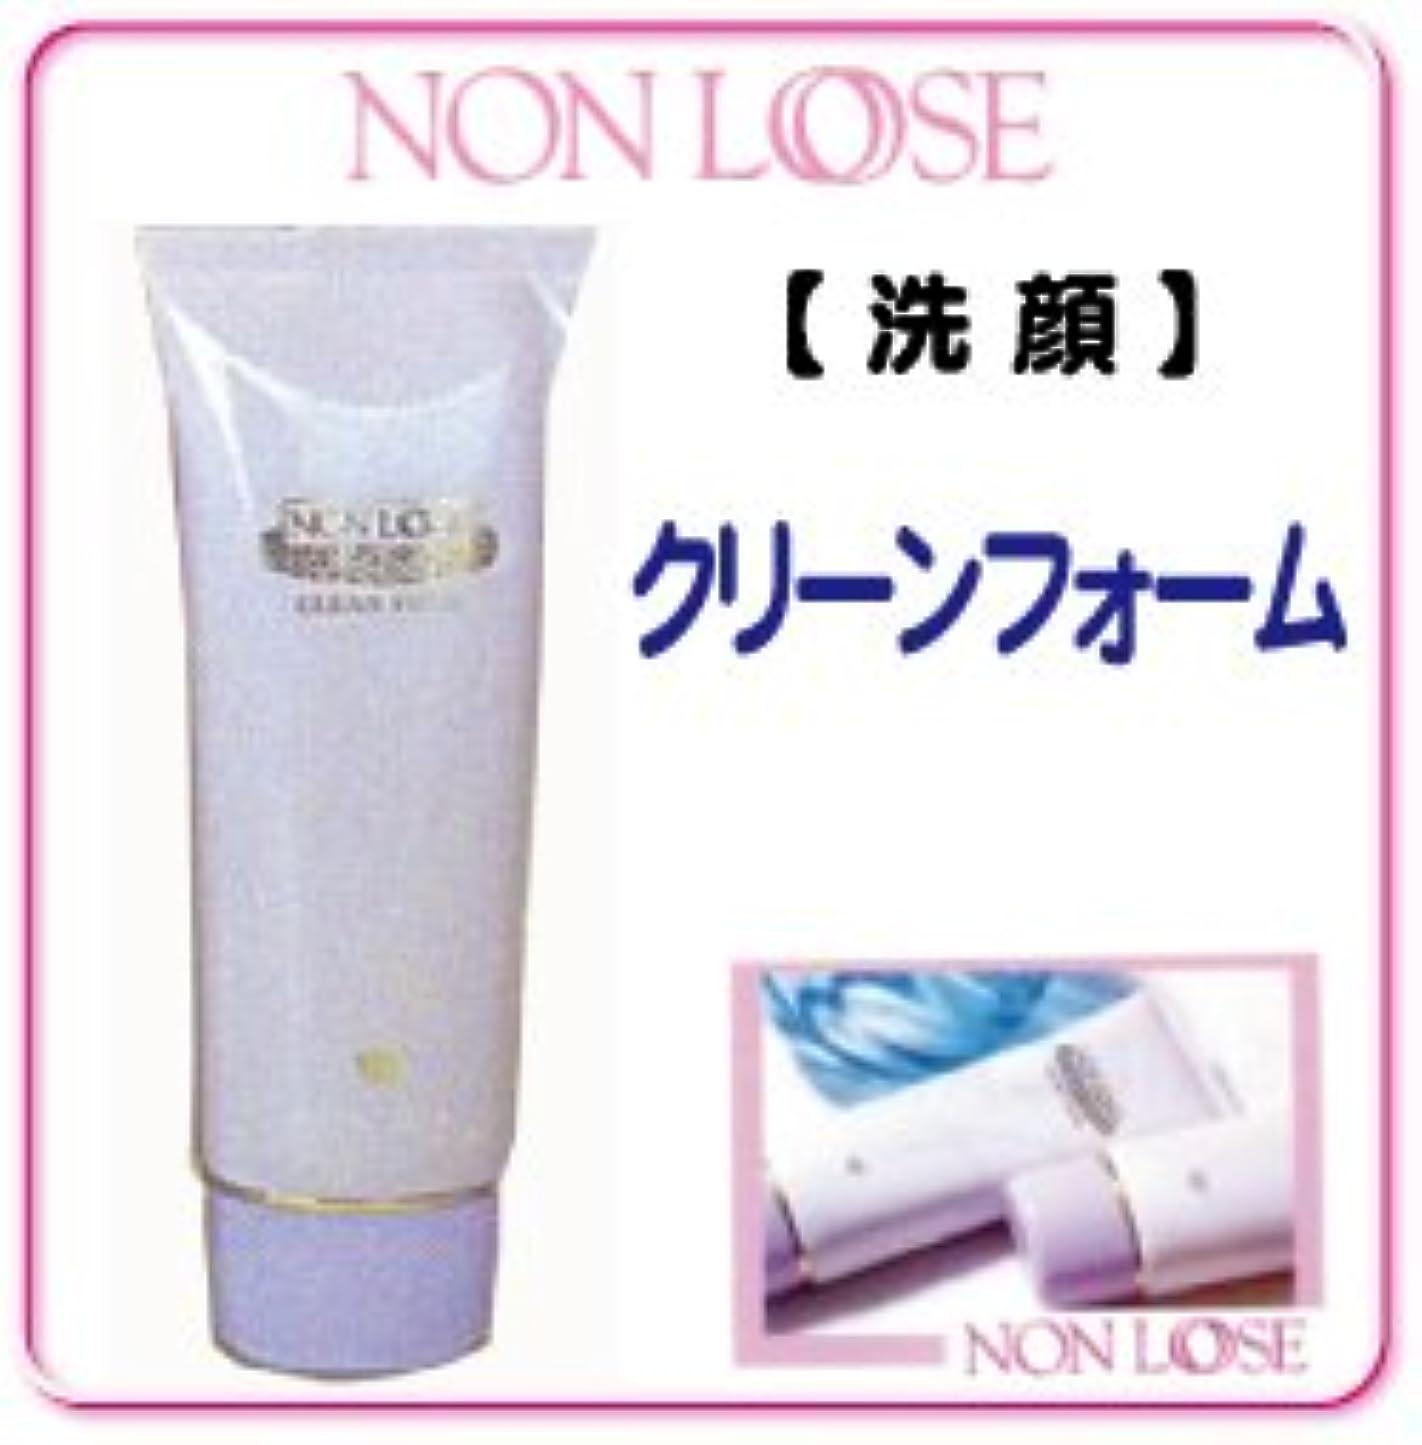 刻む味方不名誉ベルマン化粧品 ノンル―ス クリーンフォーム 100g 【洗顔料】